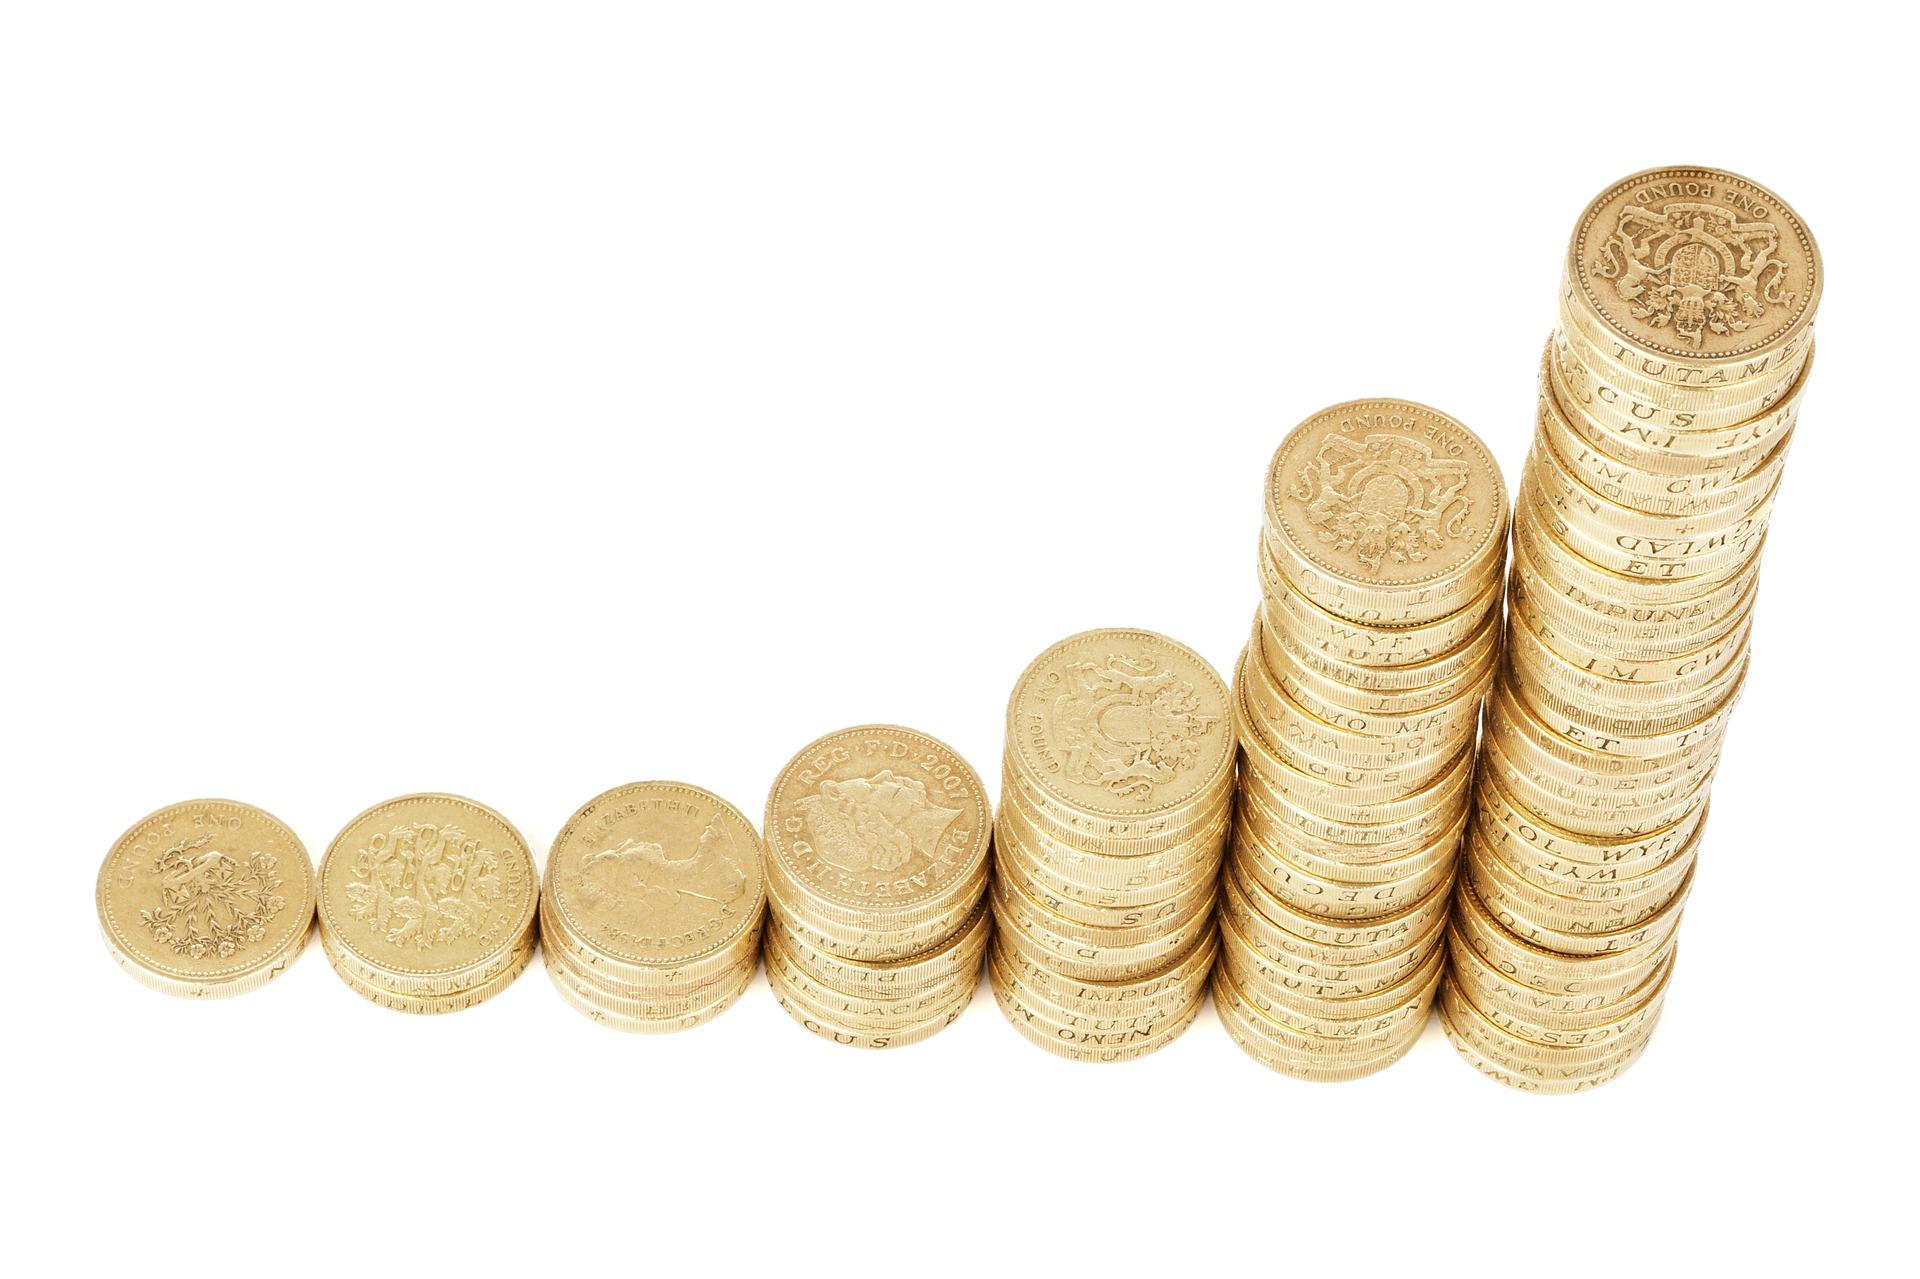 積立保険で貯蓄するメリットとは?預貯金との決定的な違いを解説します